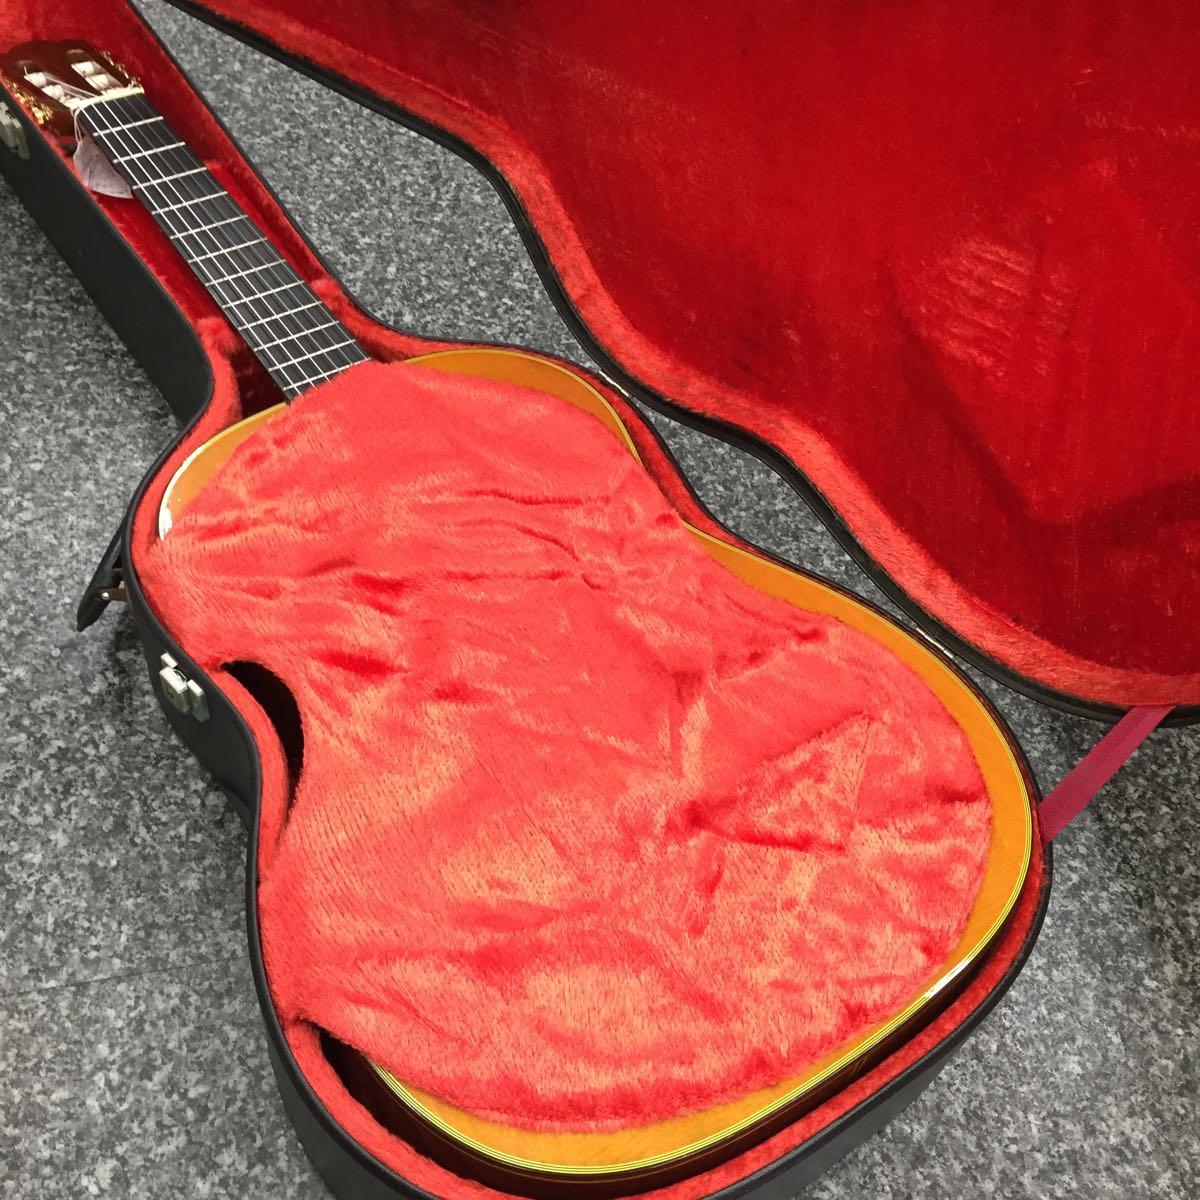 中古 Abe guitar 330 TOP単板 美品 日本製 630mmスケール 調整済 ハードケース付 _画像8